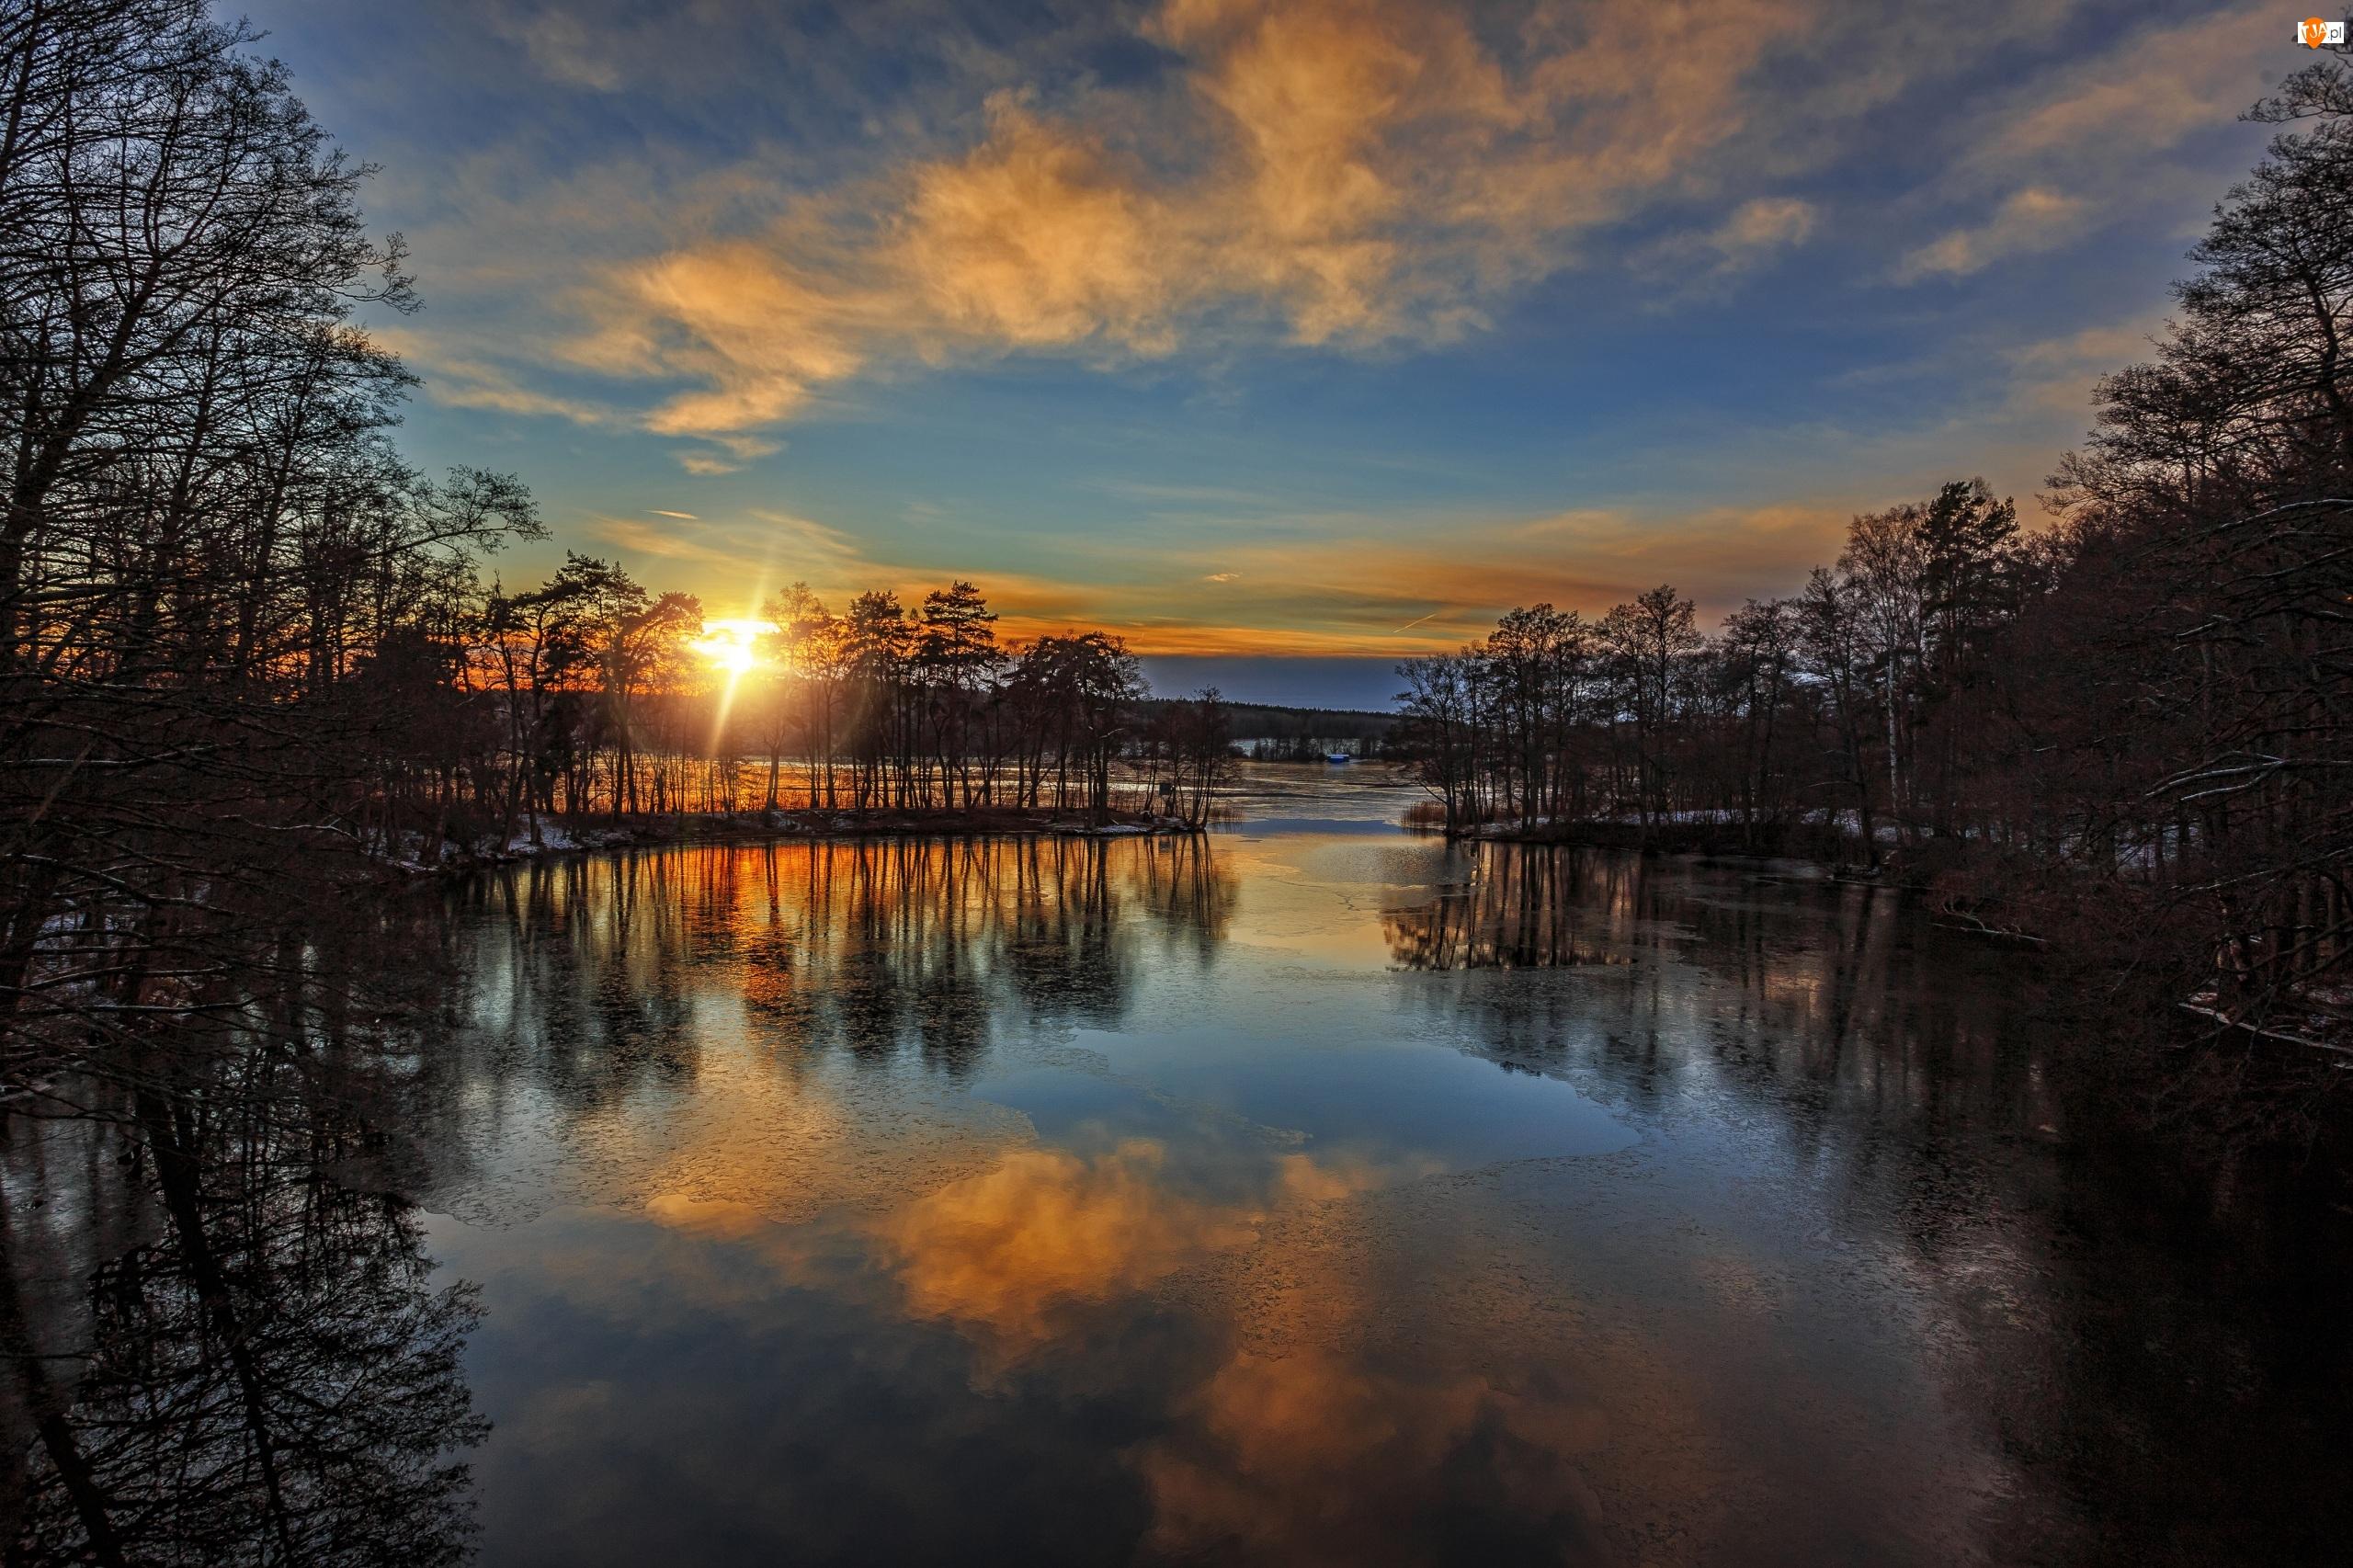 Rzeka, Odbicie, Zachód słońca, Drzewa